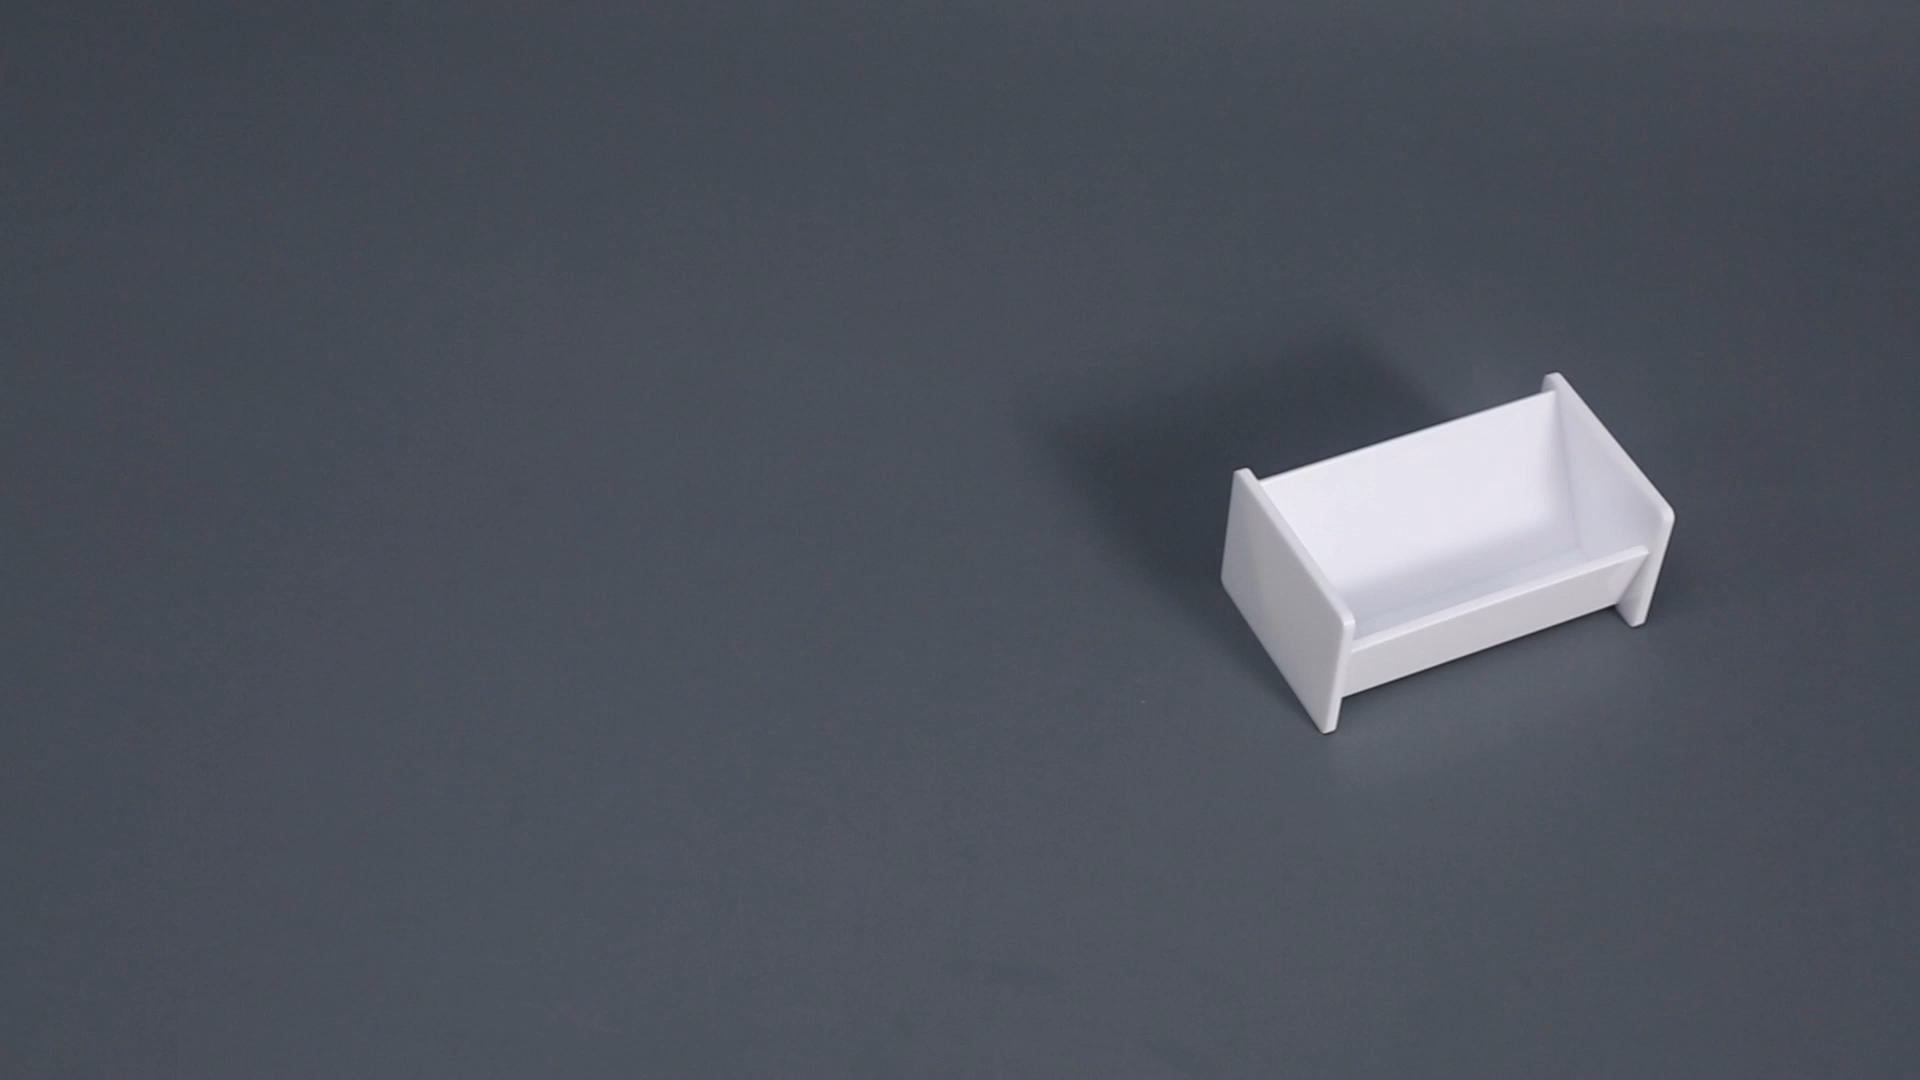 Wholesale Plastic Desktop Business Card Holder Note Holder for desk